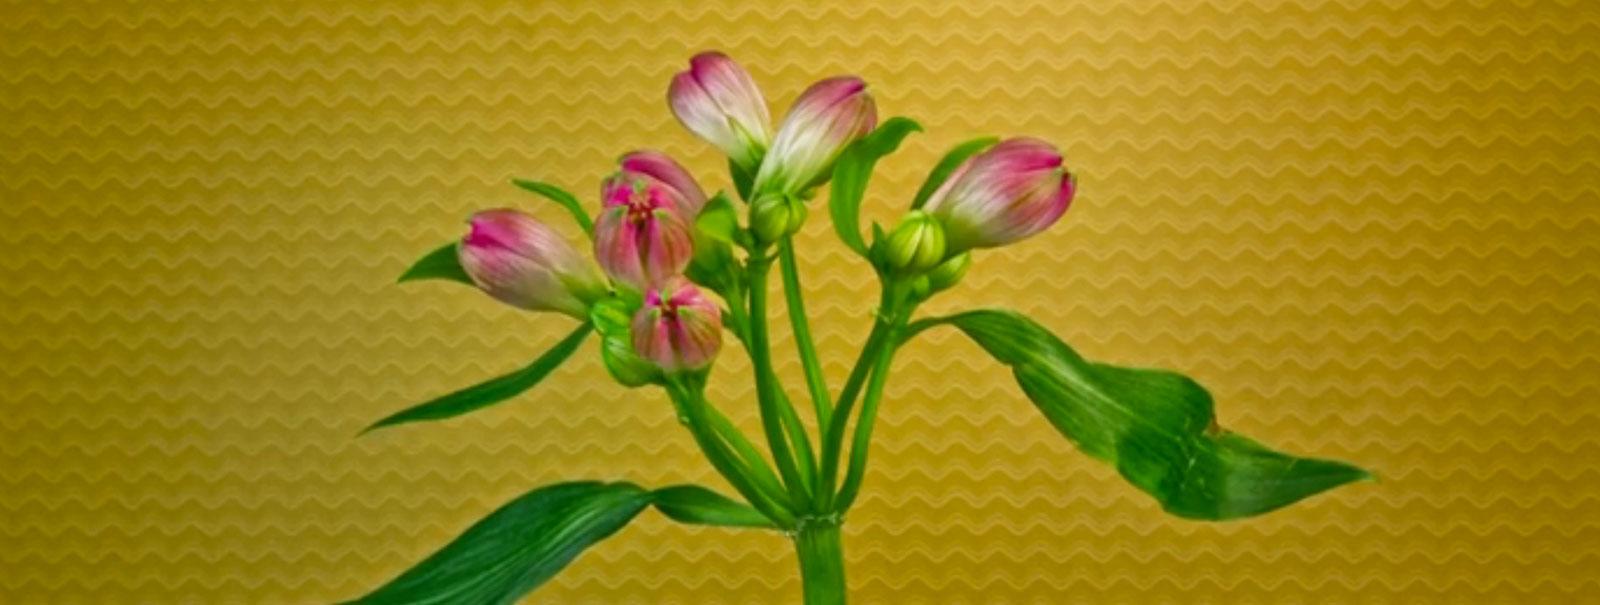 Primavera guarda i fiori che sbocciano in hd cond for Fiori che sbocciano